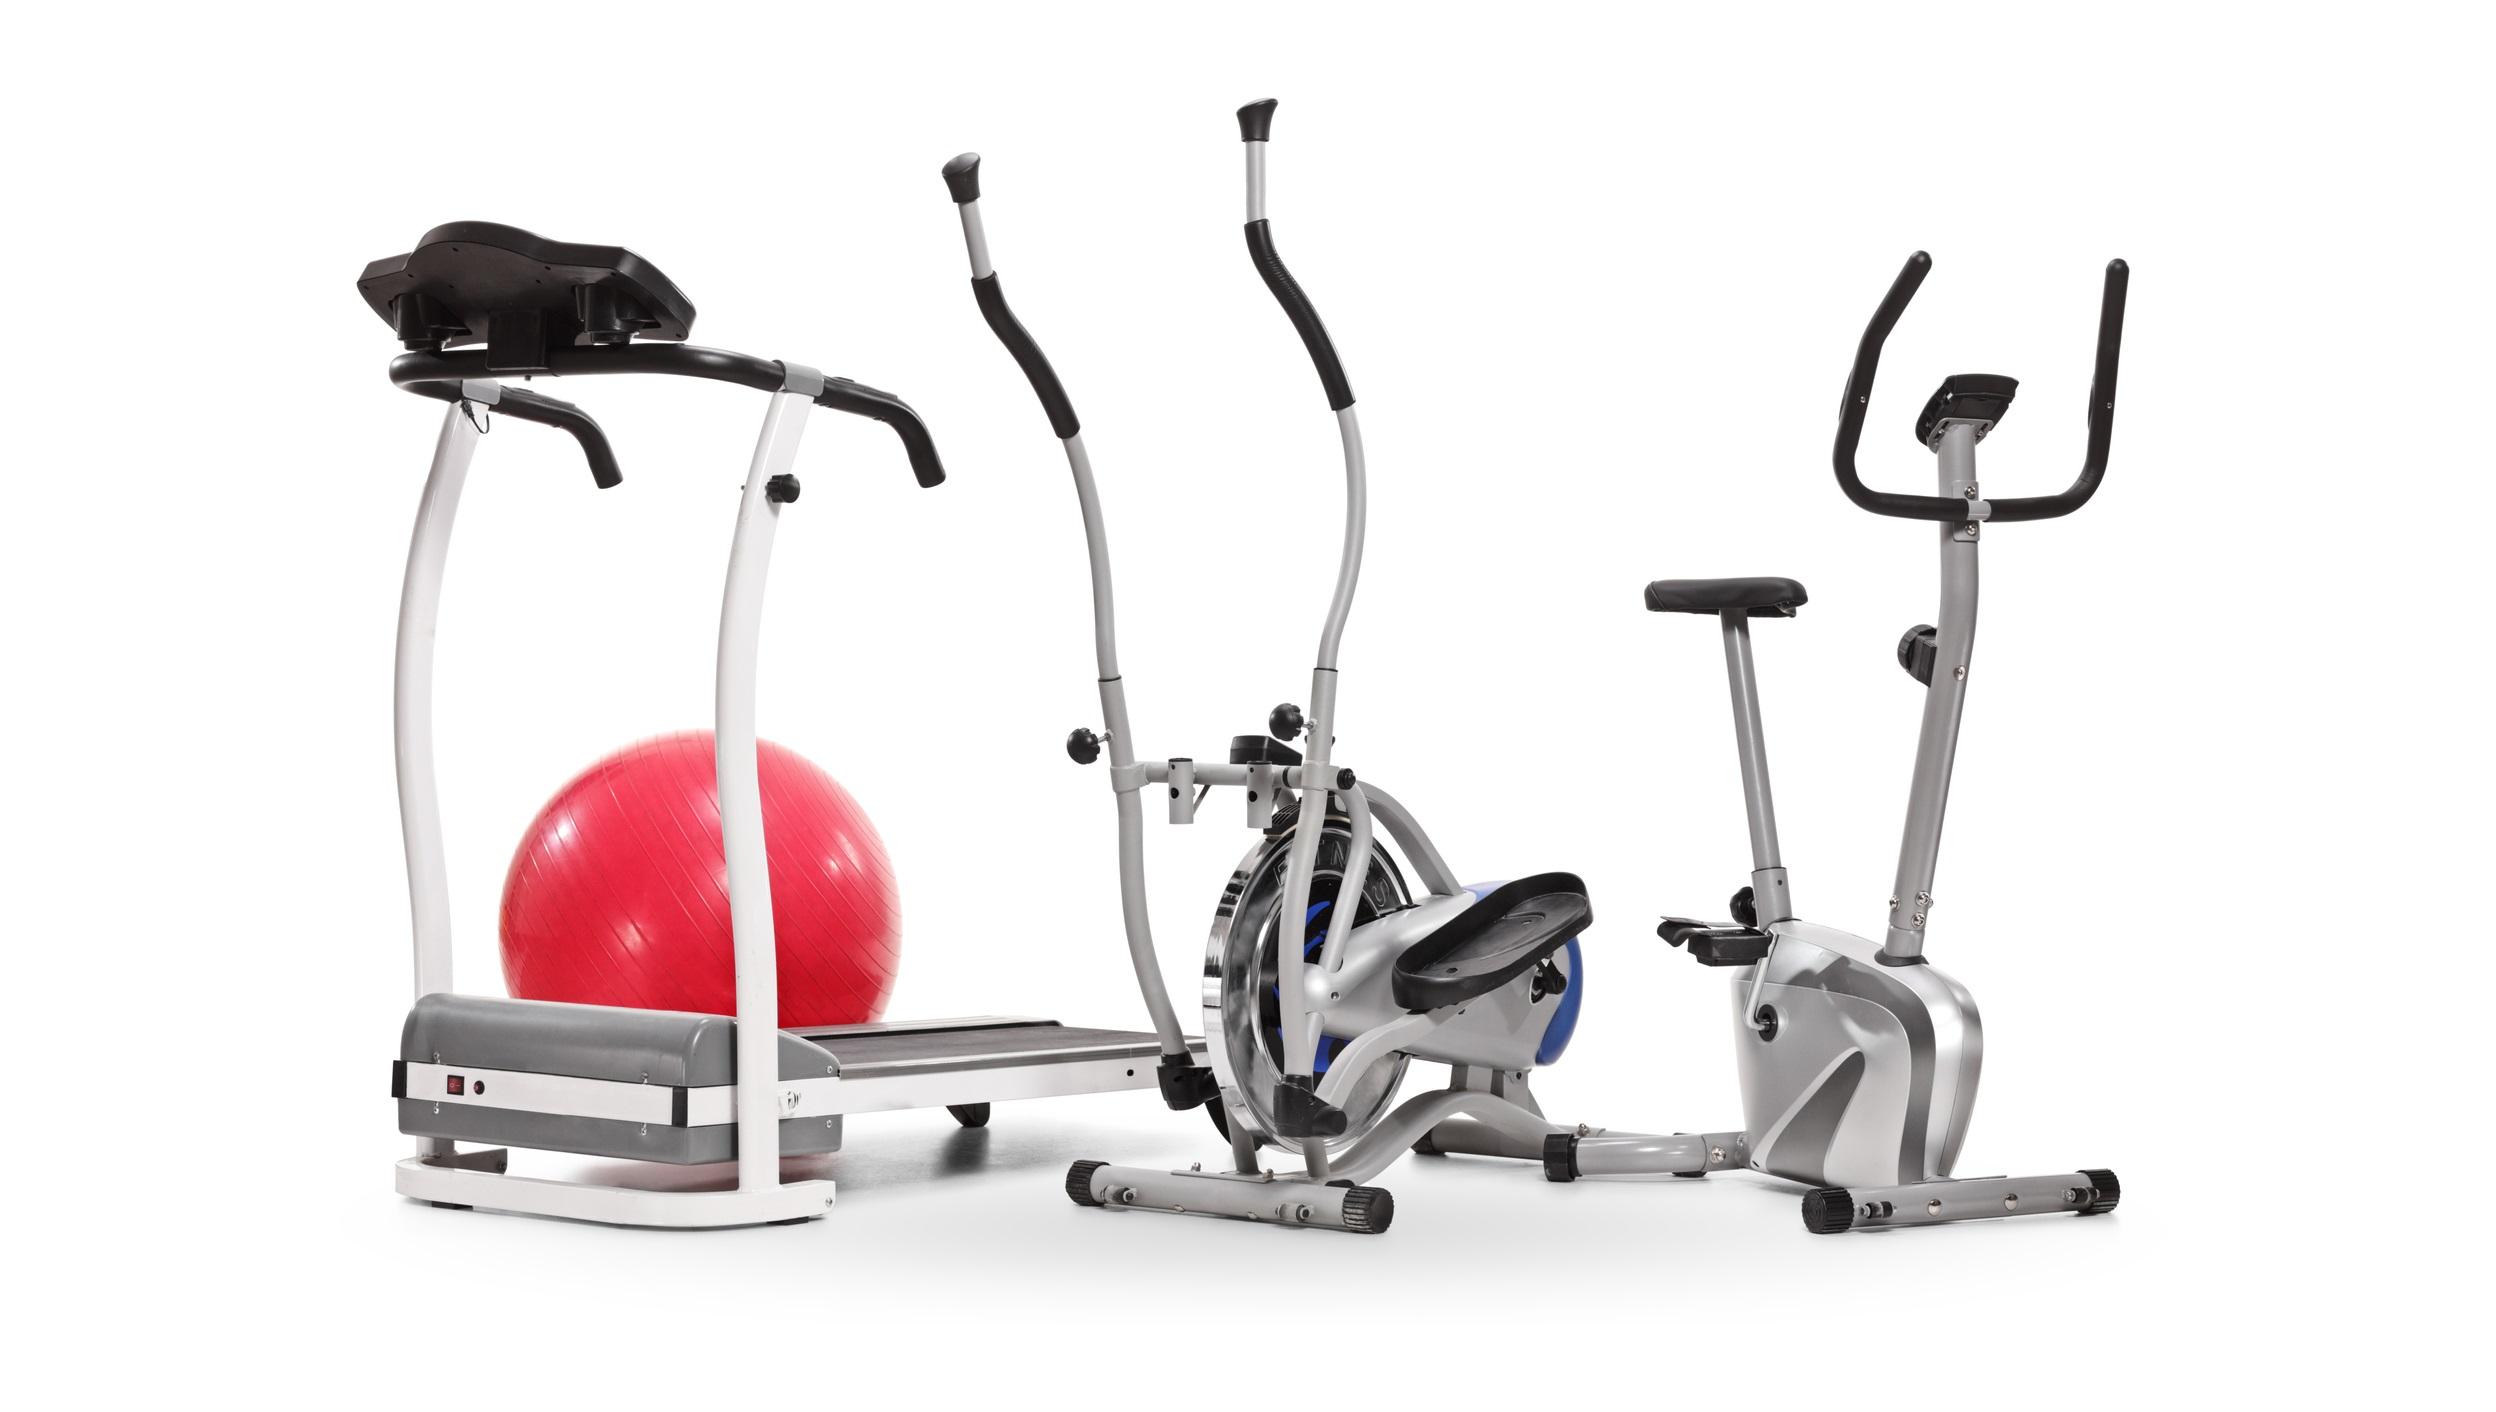 ジムの有酸素運動マシン、どんな種類がある?それぞれの特徴とメリット・デメリットを解説 | トレーニング×スポーツ『MELOS』